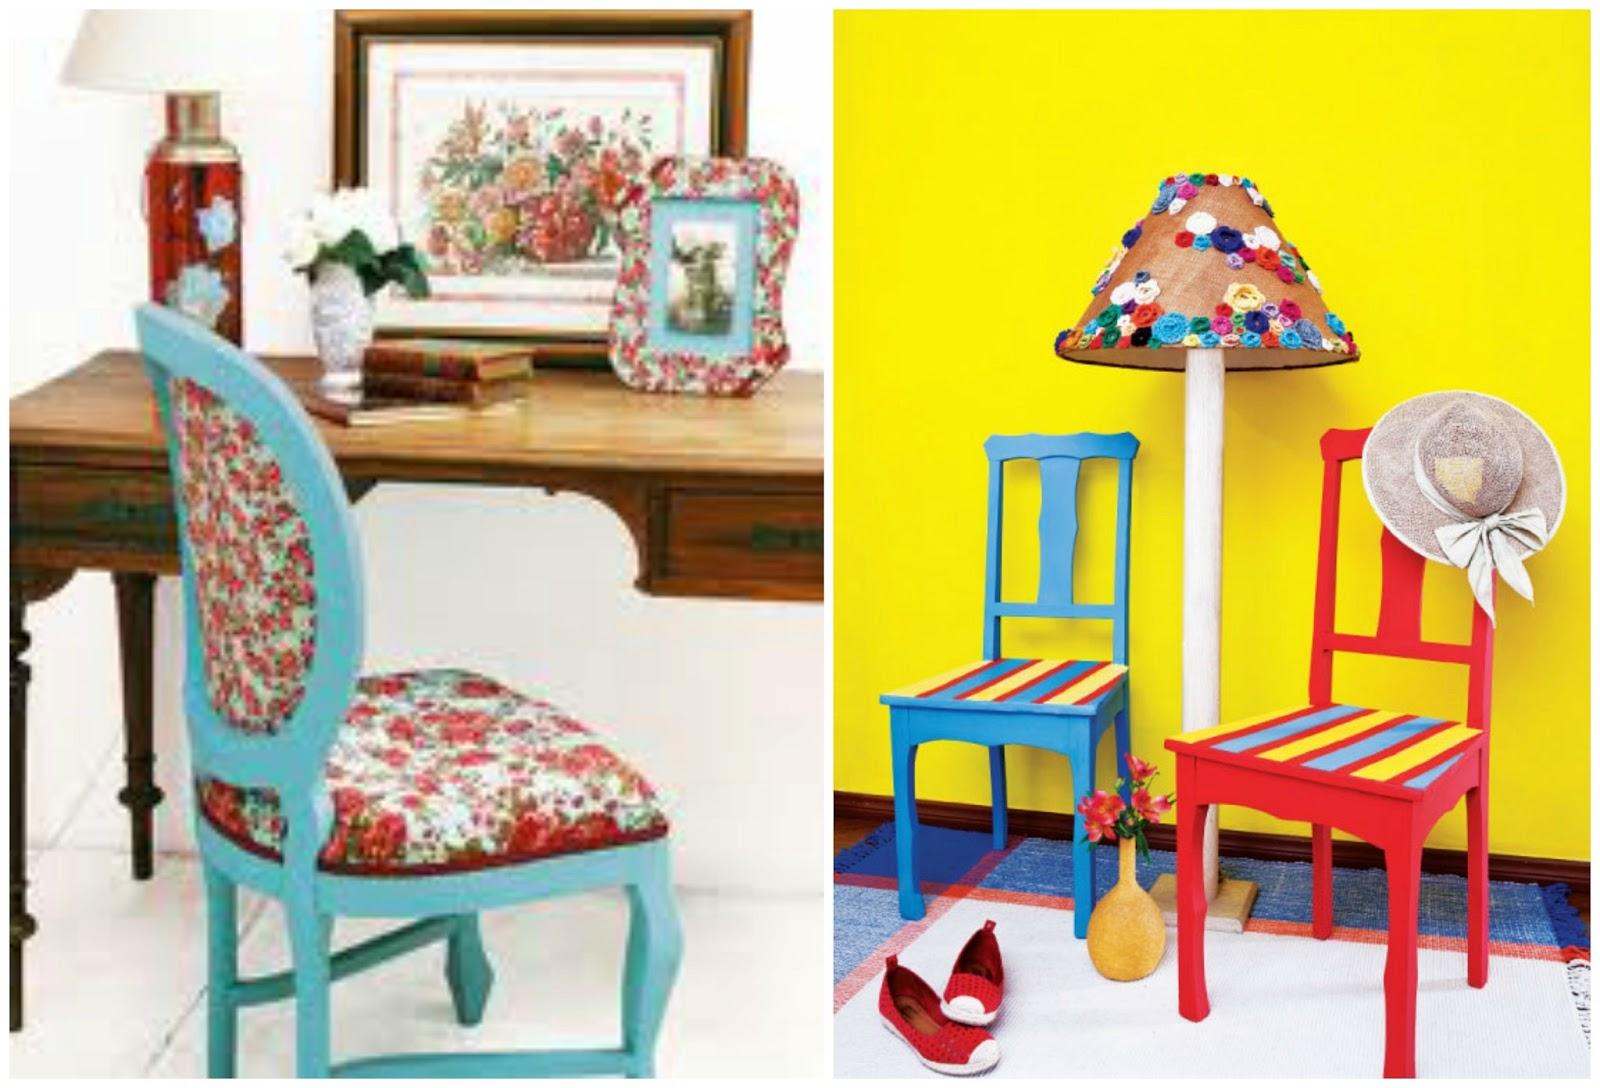 #C3B708  : Reformando Cadeiras de Madeira e de Plástico e Peças em Patchwork 1600x1088 px como pintar cadeira de madeira envernizada @ bernauer.info Móveis Antigos Novos E Usados Online